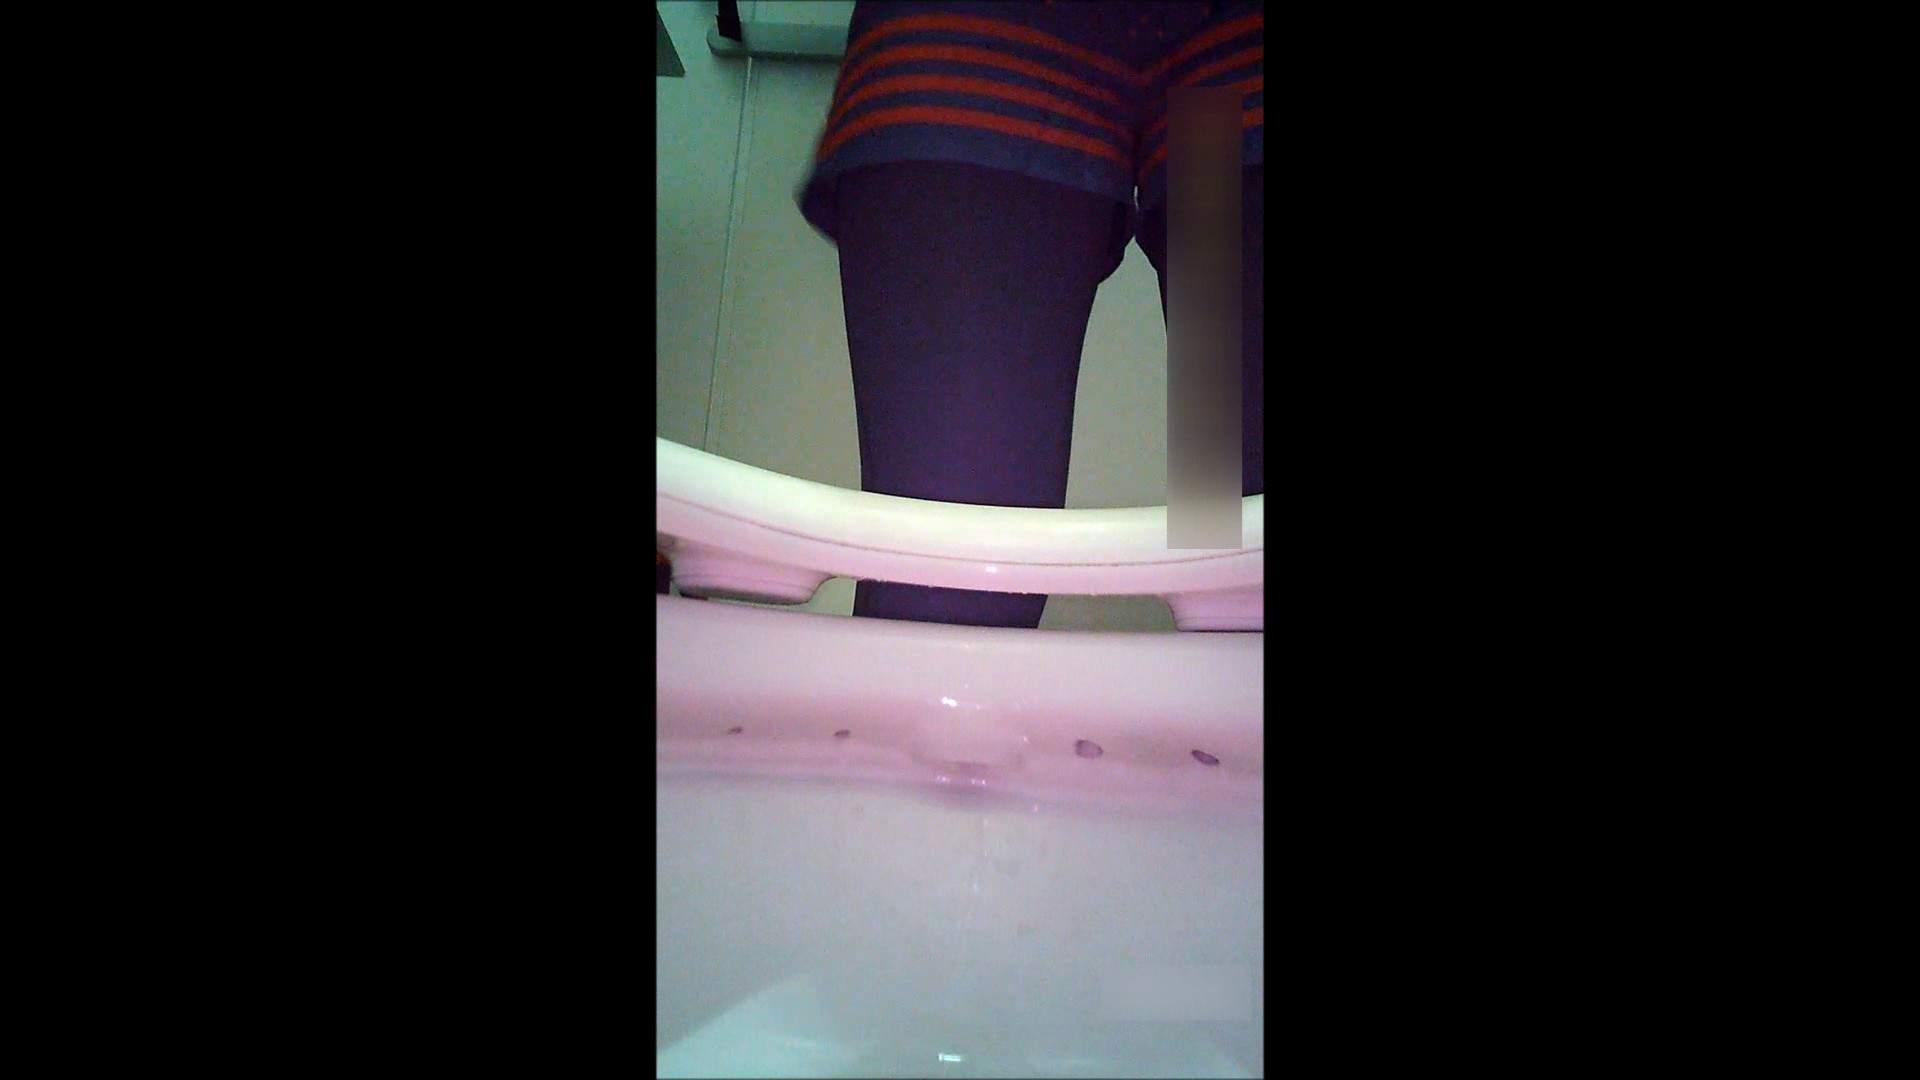 キレカワ女子大生の秘密の洗面所!Vol.051 女子大生 のぞきエロ無料画像 94pic 52